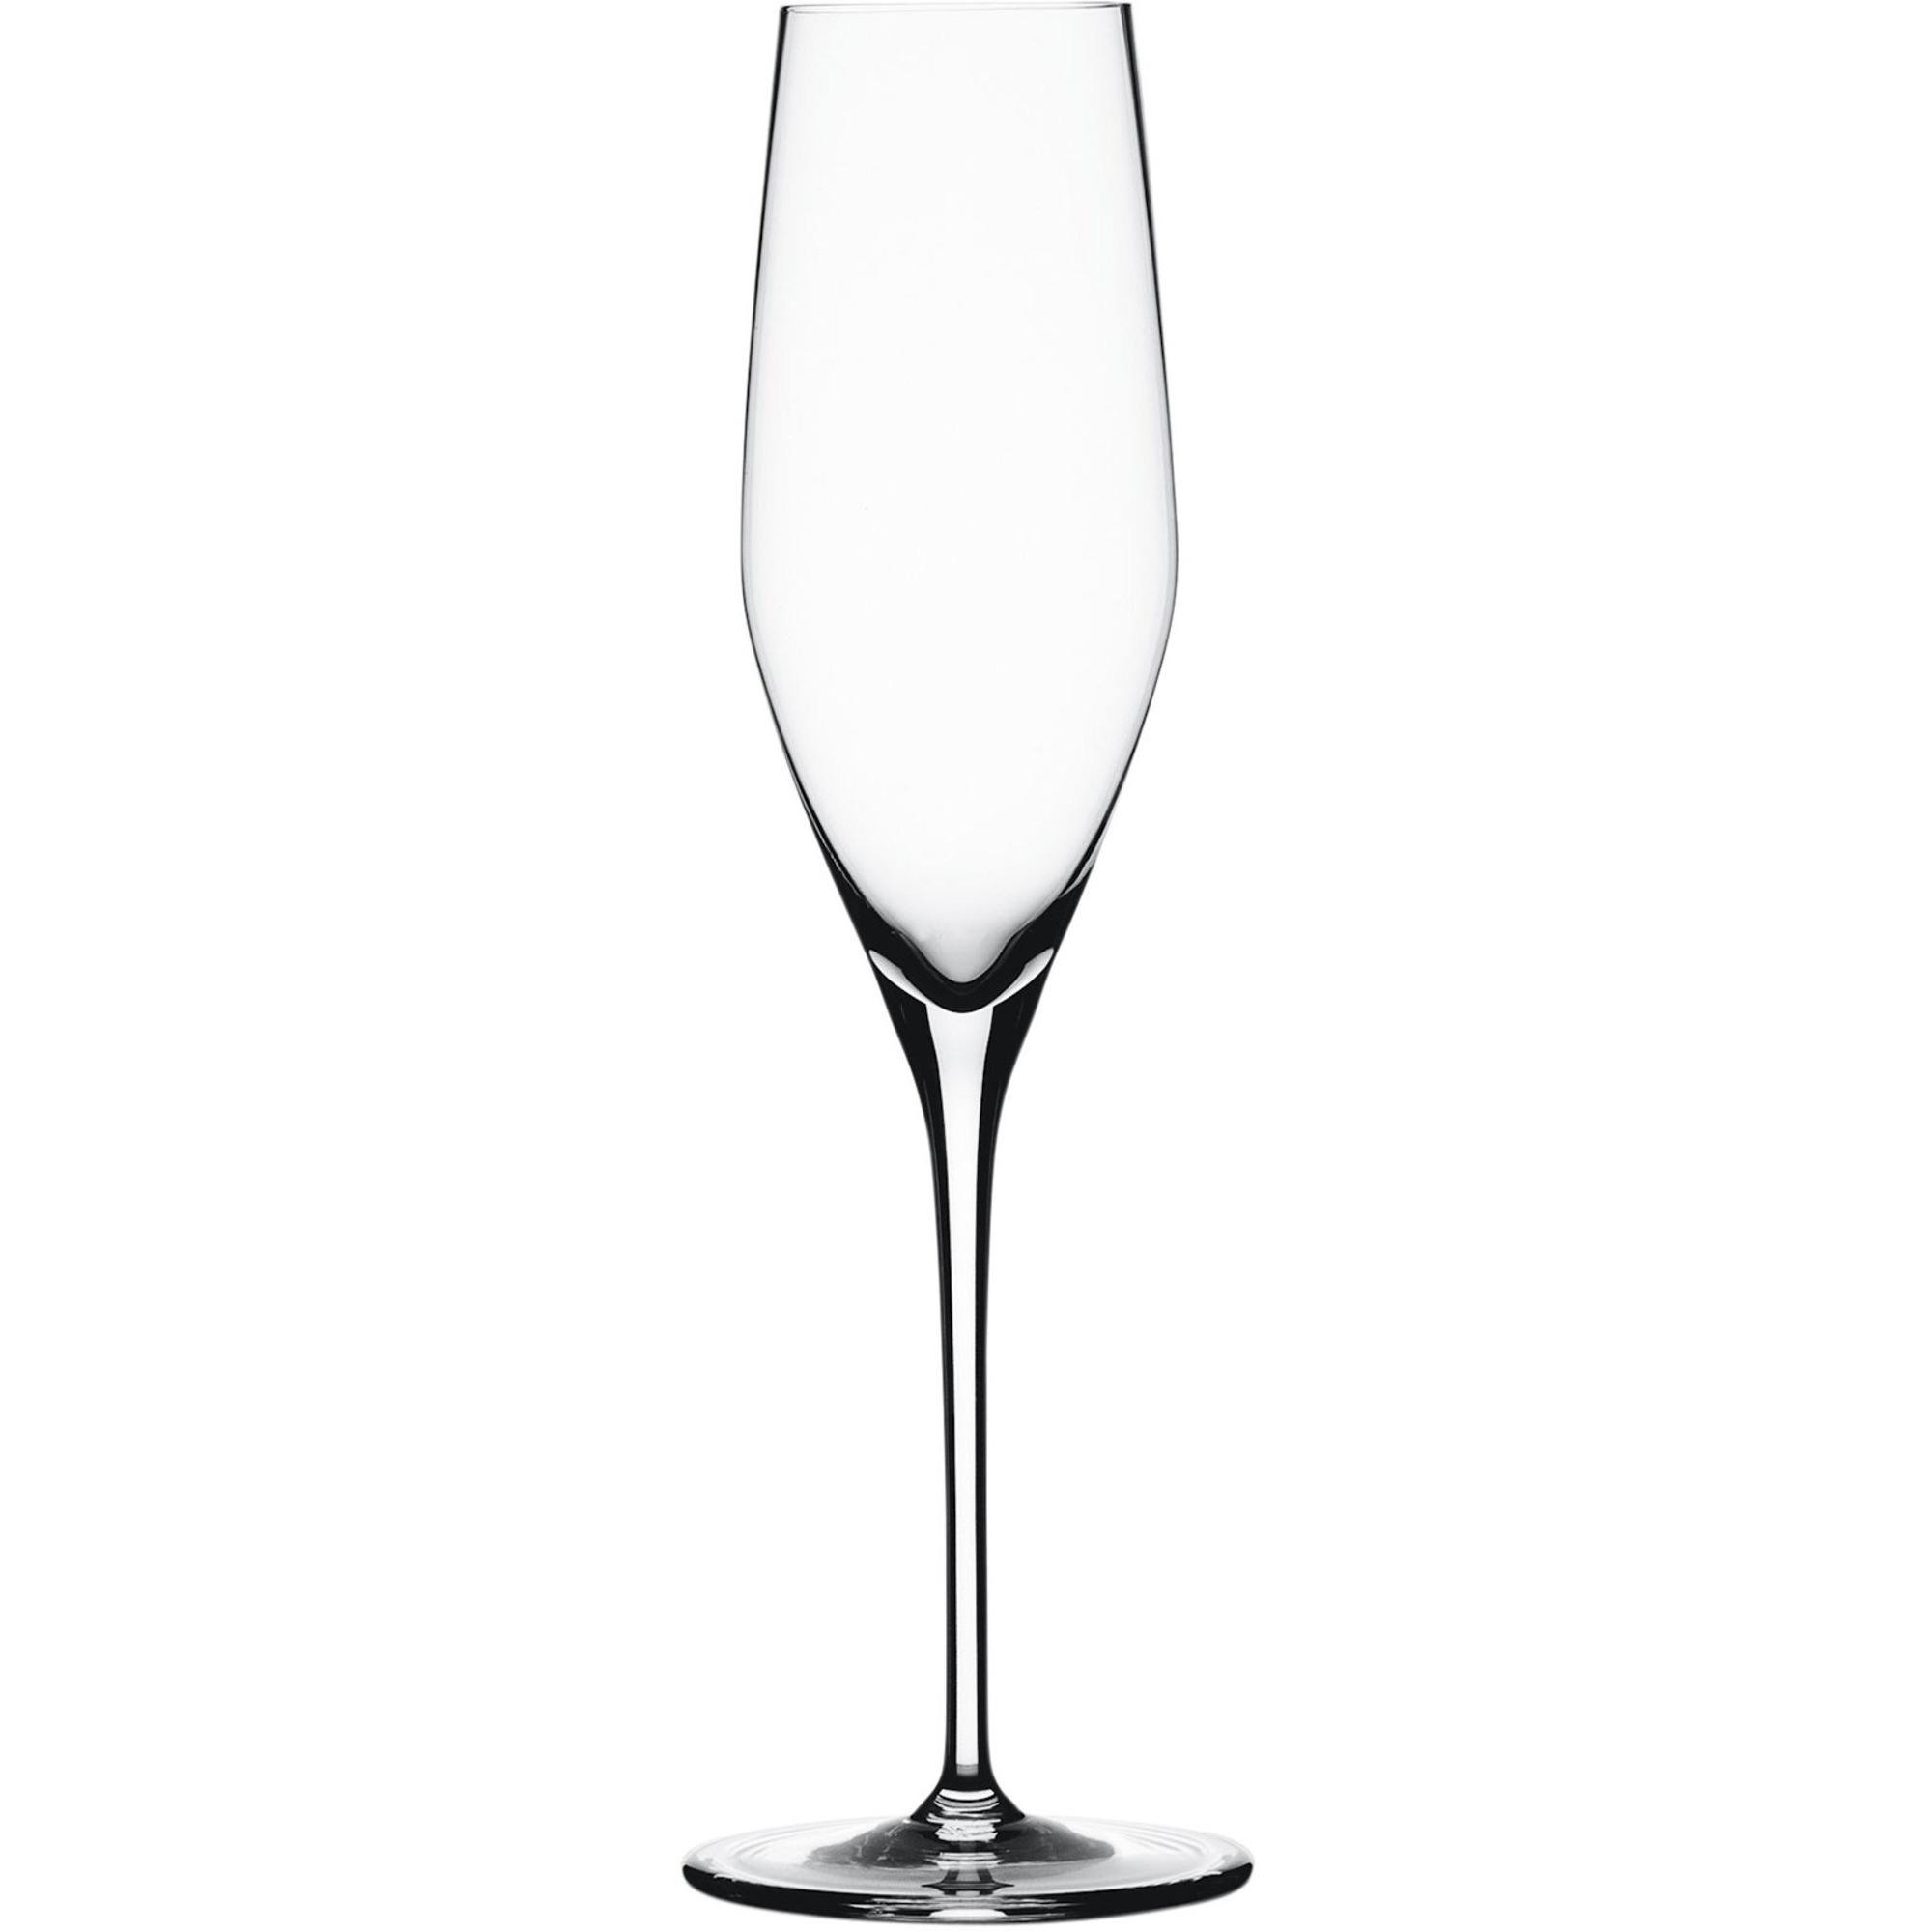 Spiegelau Authentis Champagneglas 19 cl 4pack